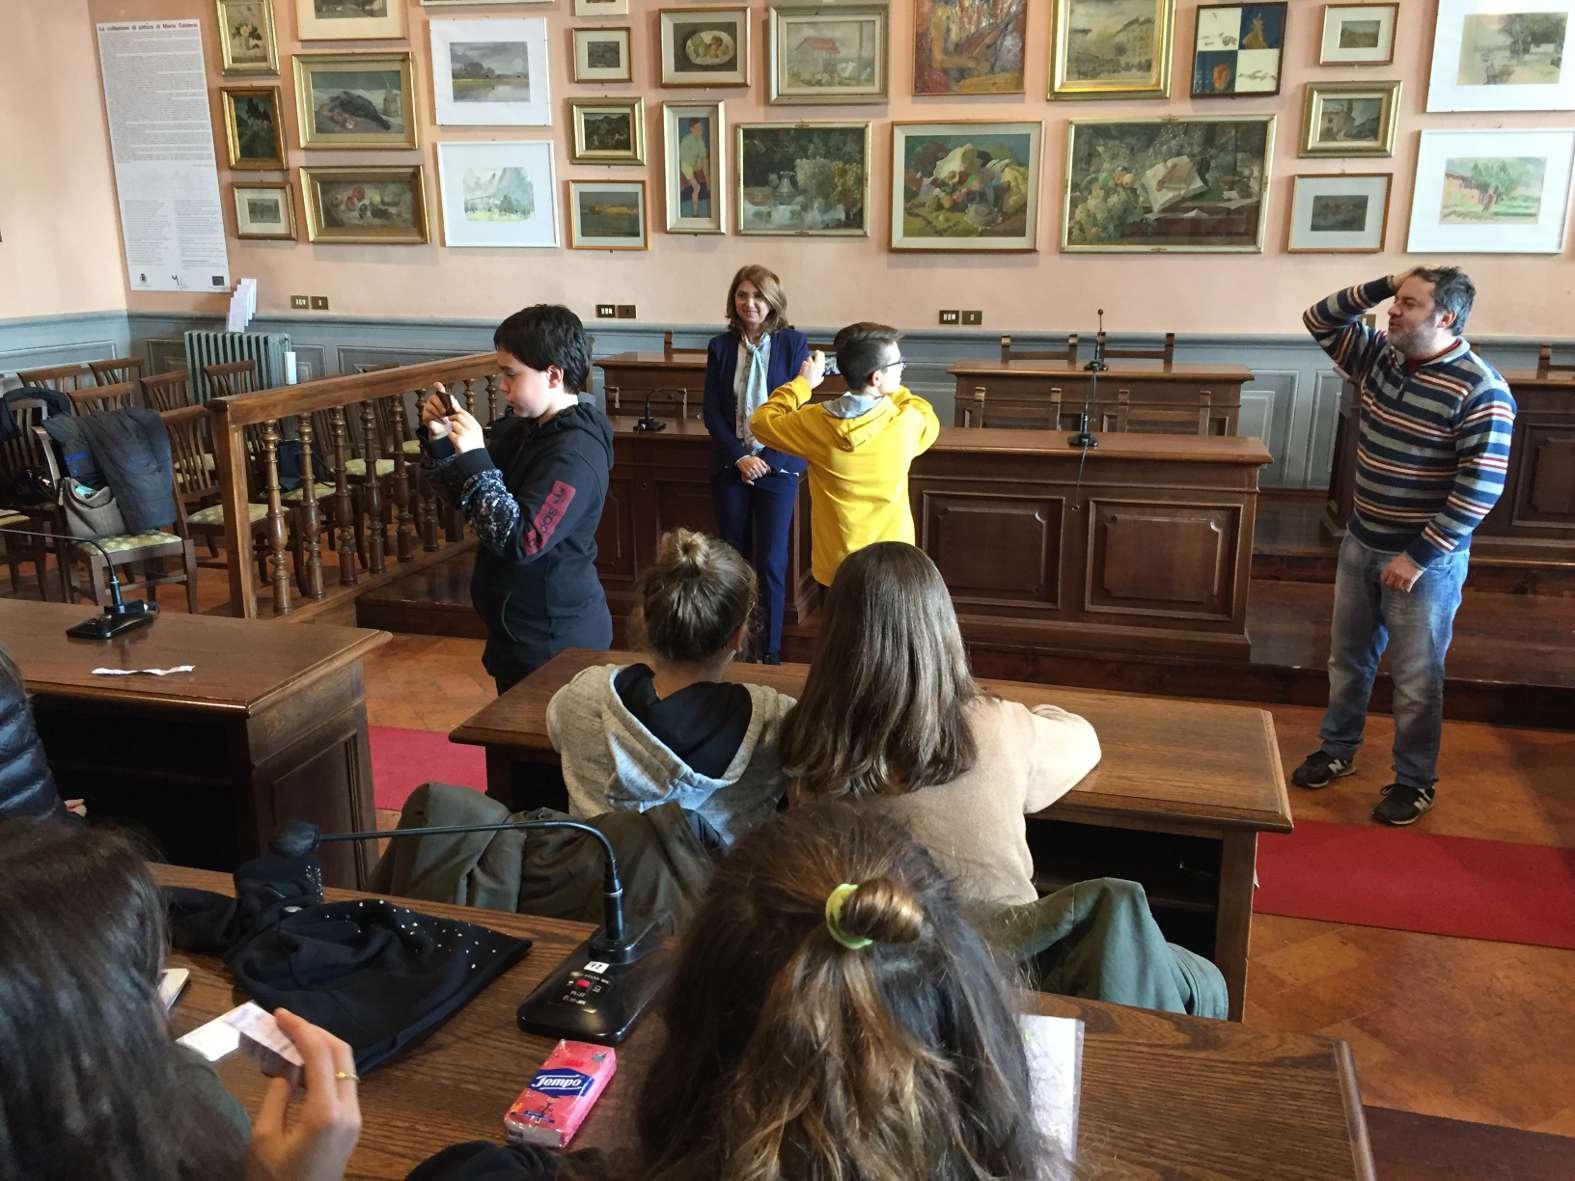 Il giornalismo entra nelle scuole di Montepulciano, studenti protagonisti